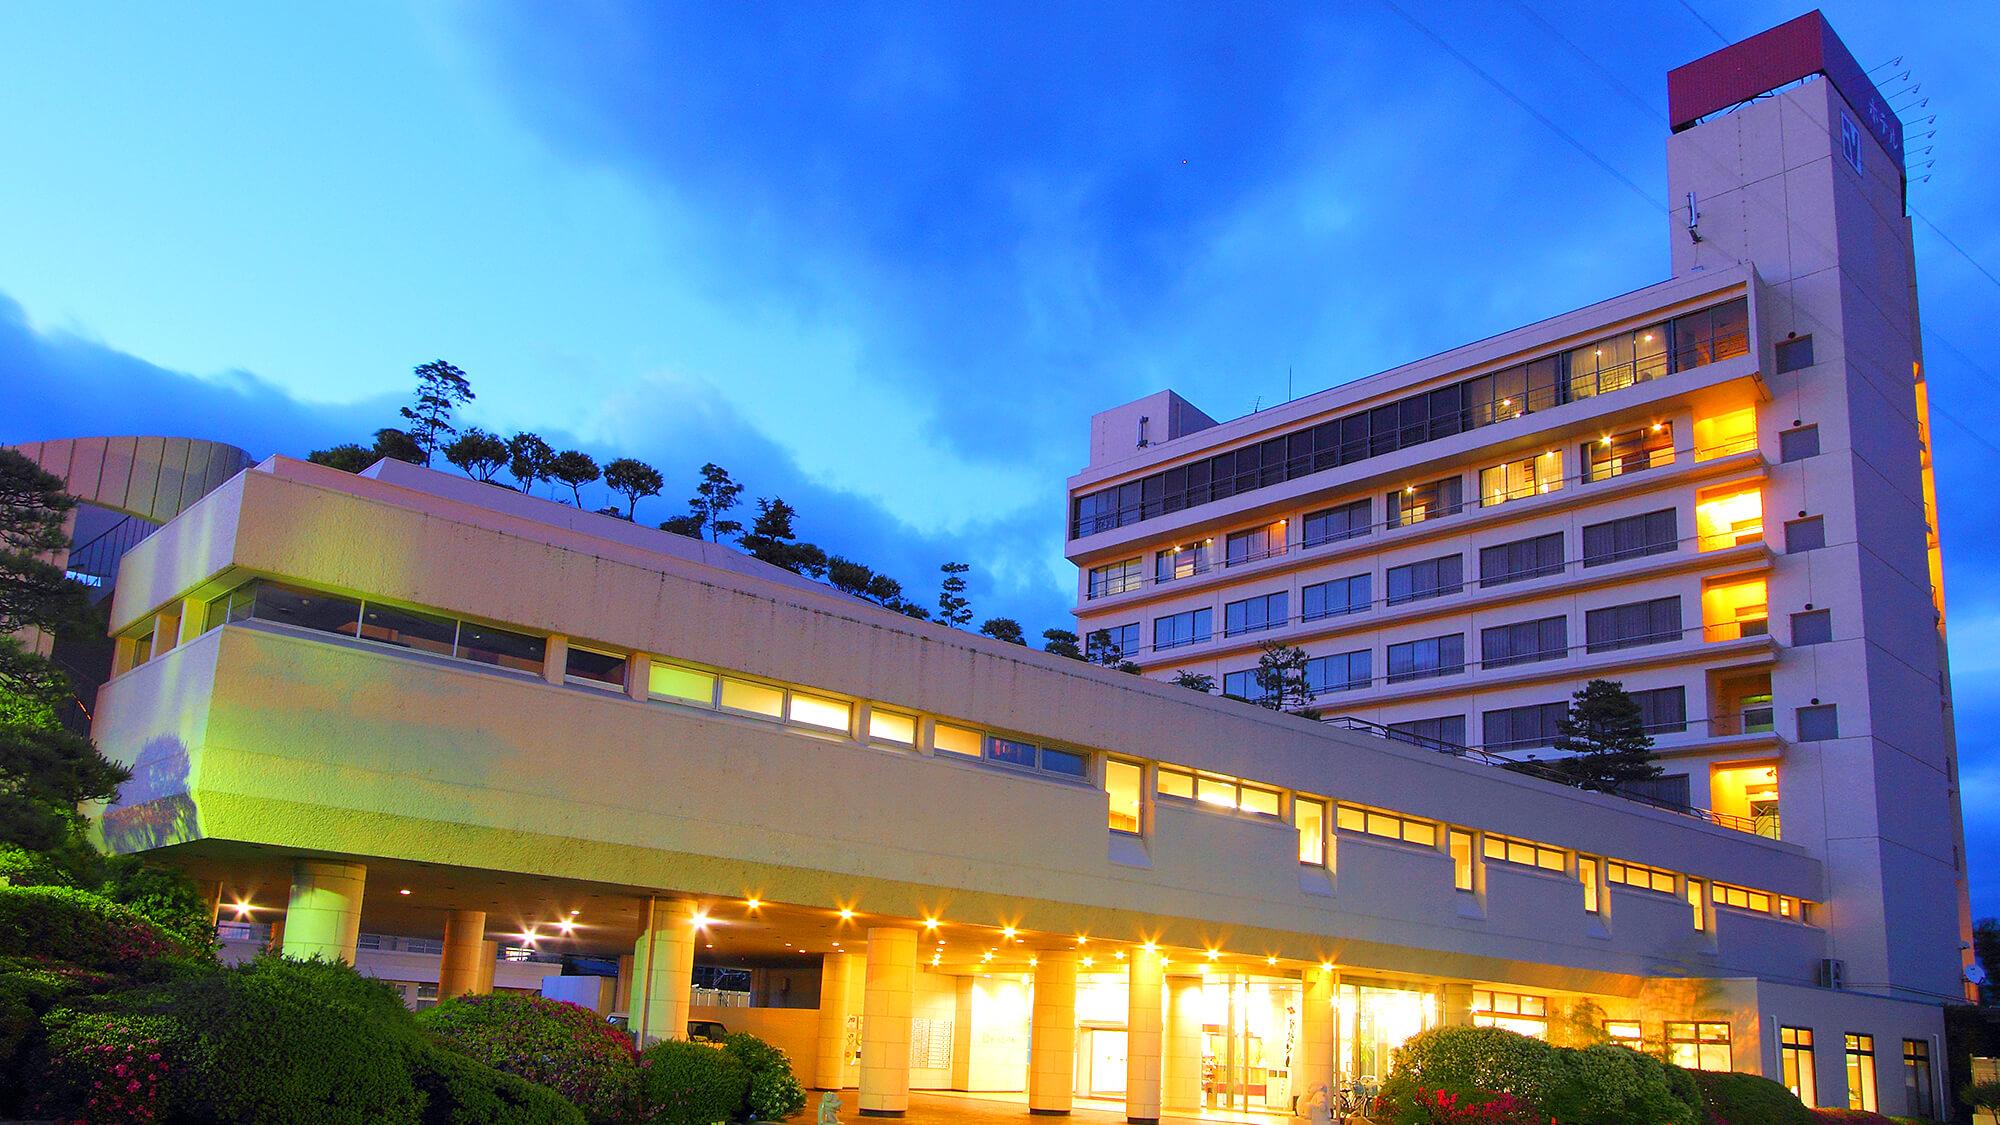 犬も連れての温泉旅行を計画中です。ペット可か、近隣にペットホテルのある石和温泉の宿はありませんか?